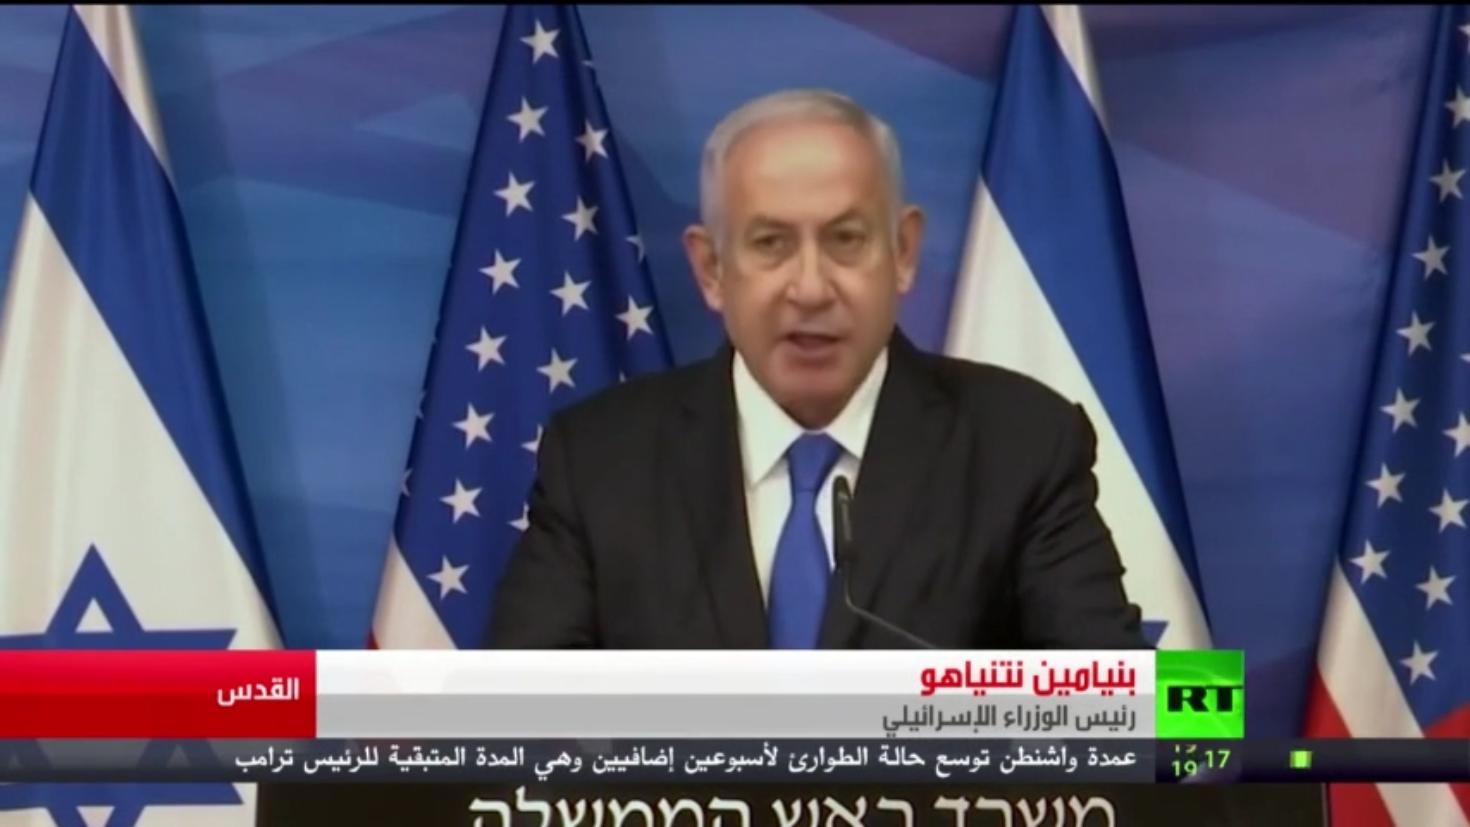 نتنياهو يطالب بأن تكون له الكلمة الفصل في سياسة بلاده تجاه إيران